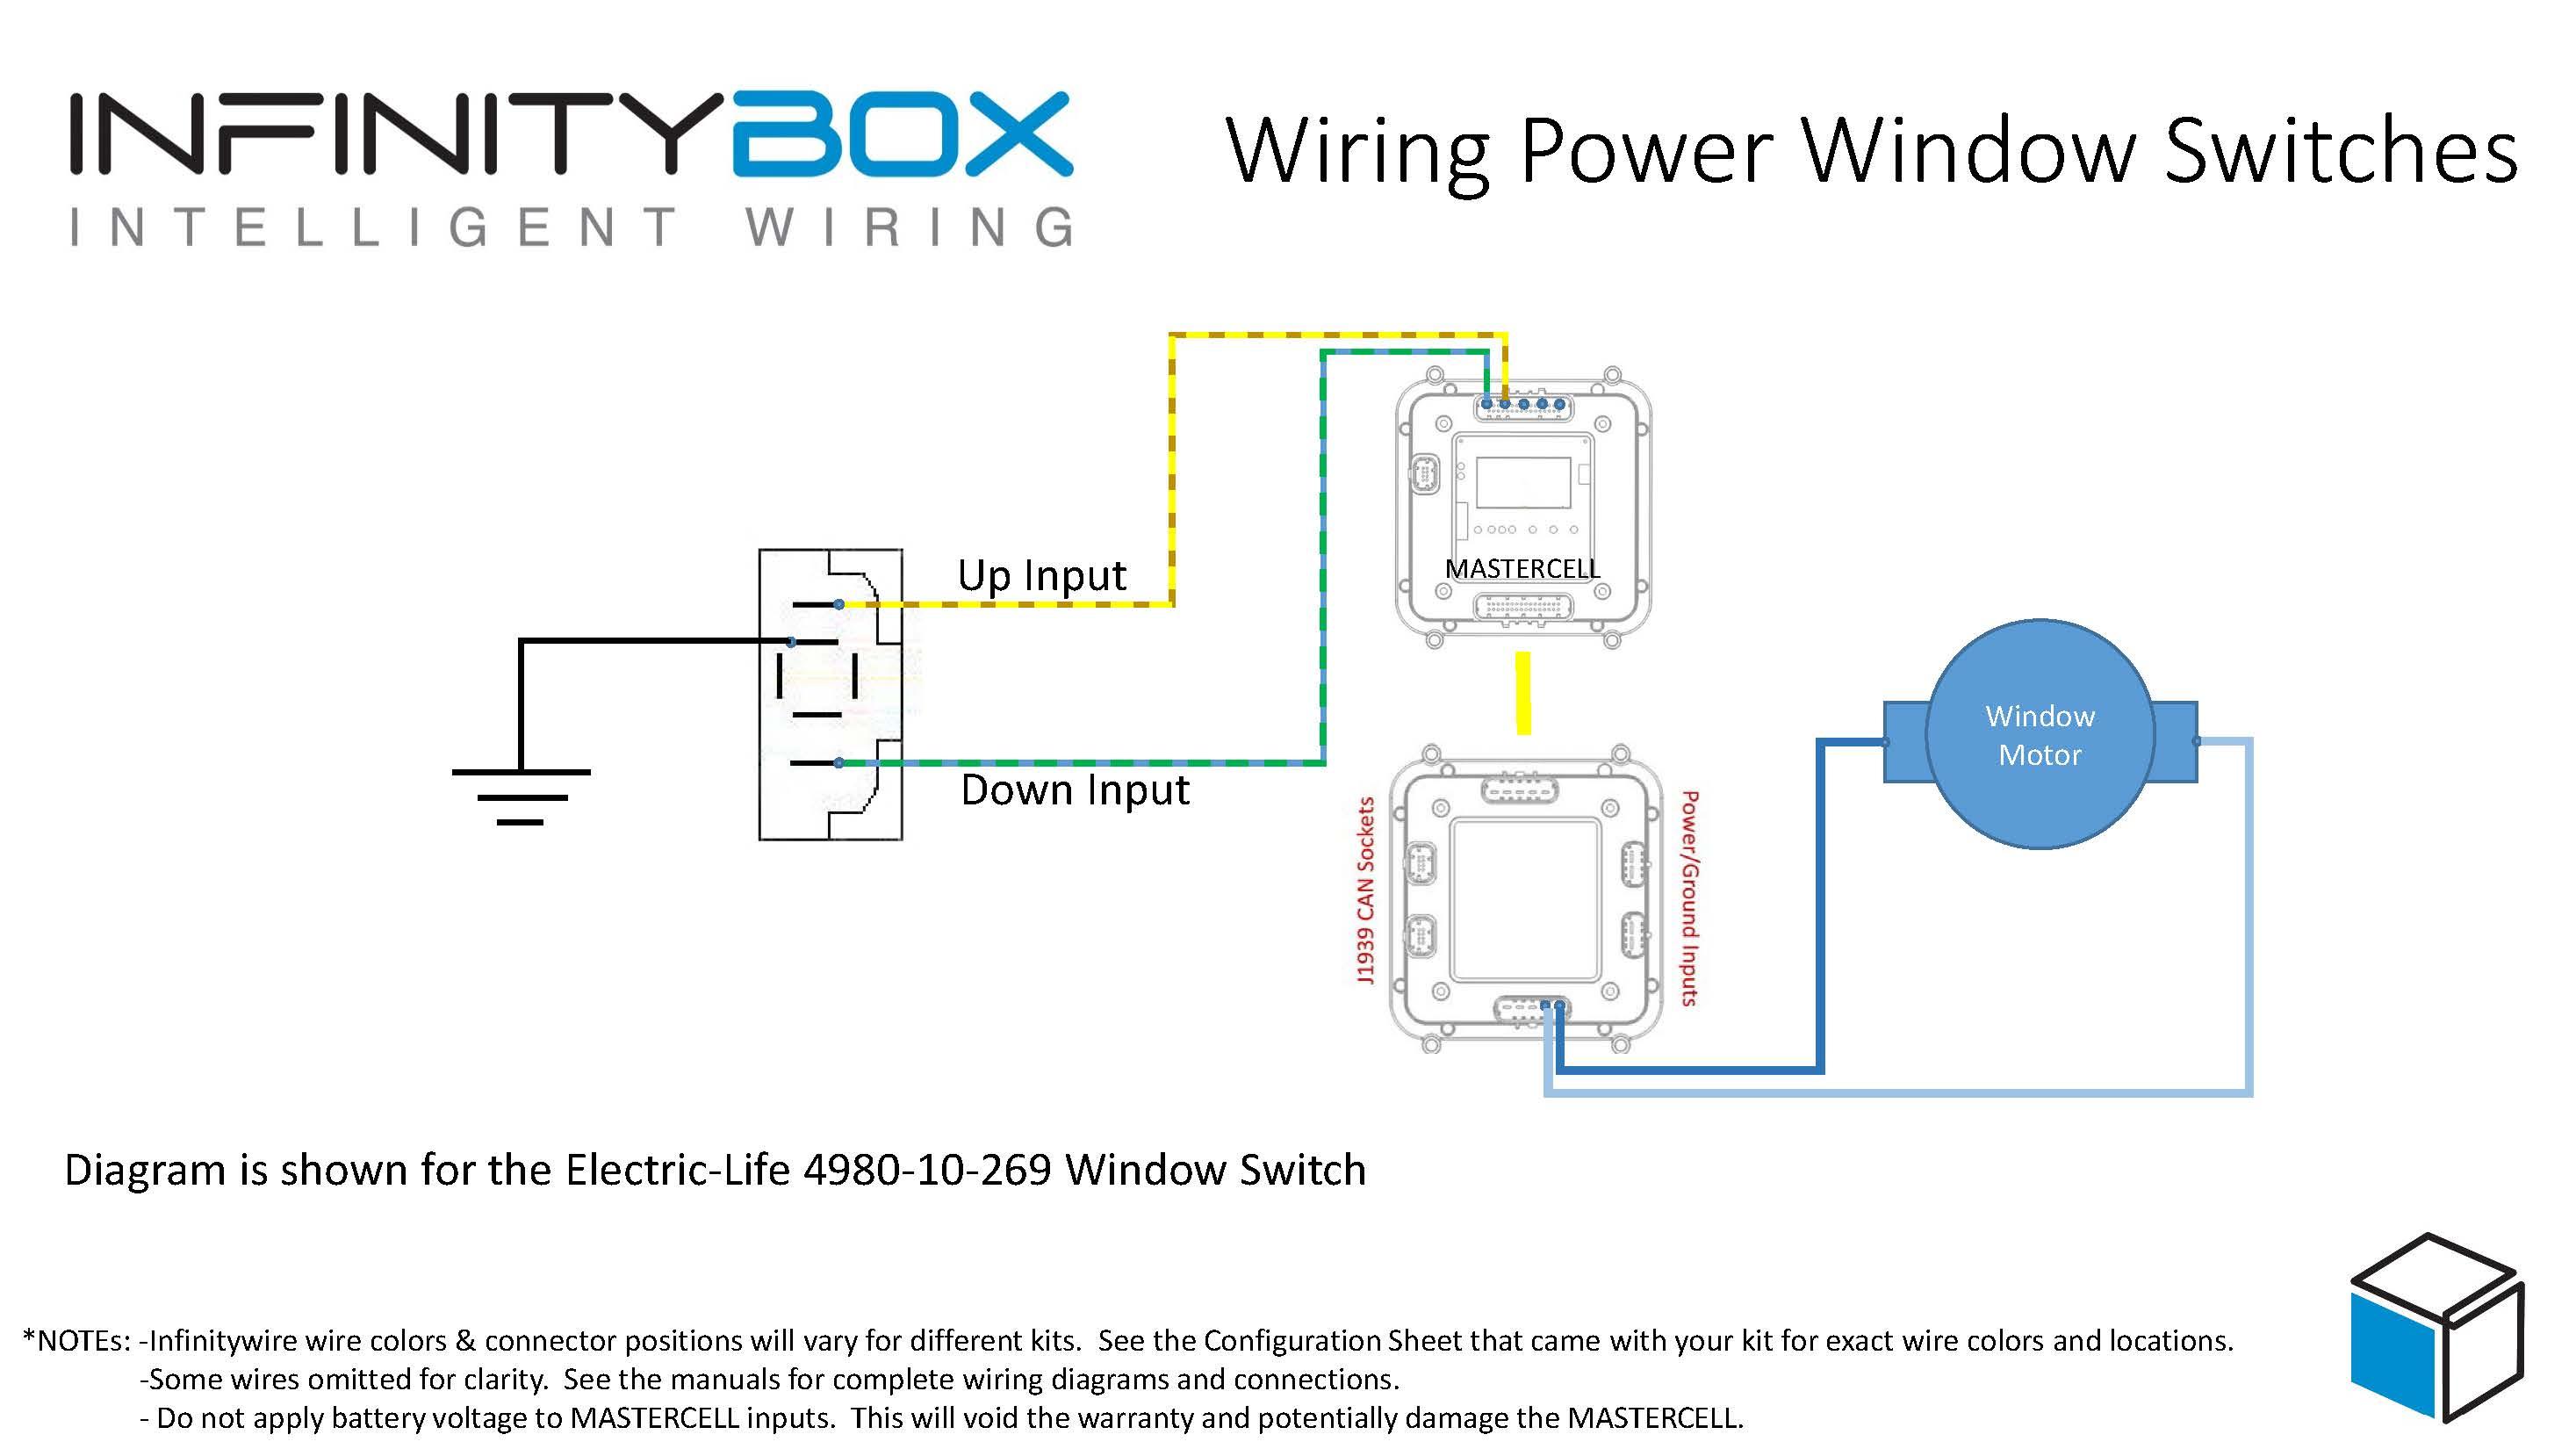 1966 corvette windshield switch wire diagram bd 0445  mercedes benz power window wiring diagram download diagram  mercedes benz power window wiring